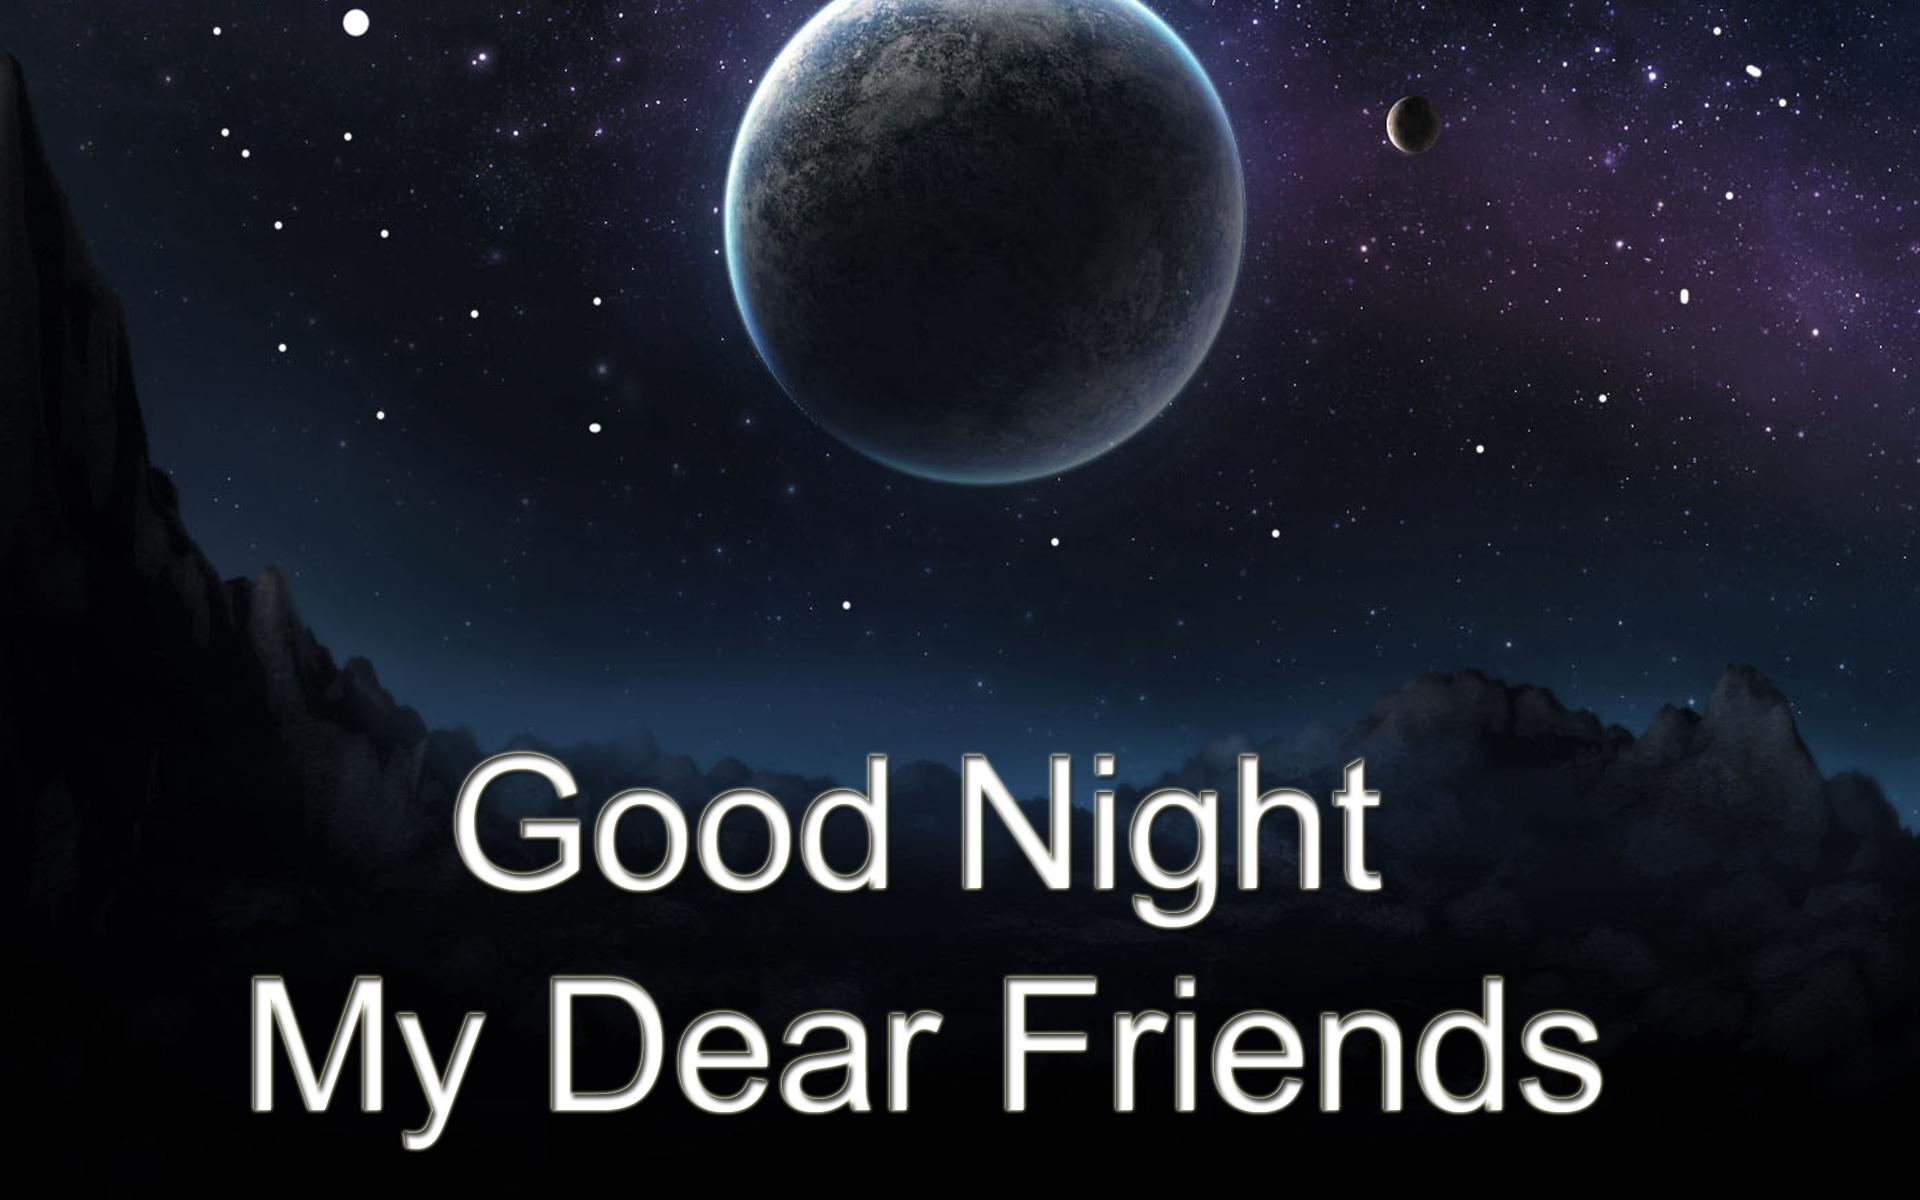 Nice Girl Hd Wallpaper Download صور مساء الخير رمزيات مكتوب عليها Good Night سوبر كايرو